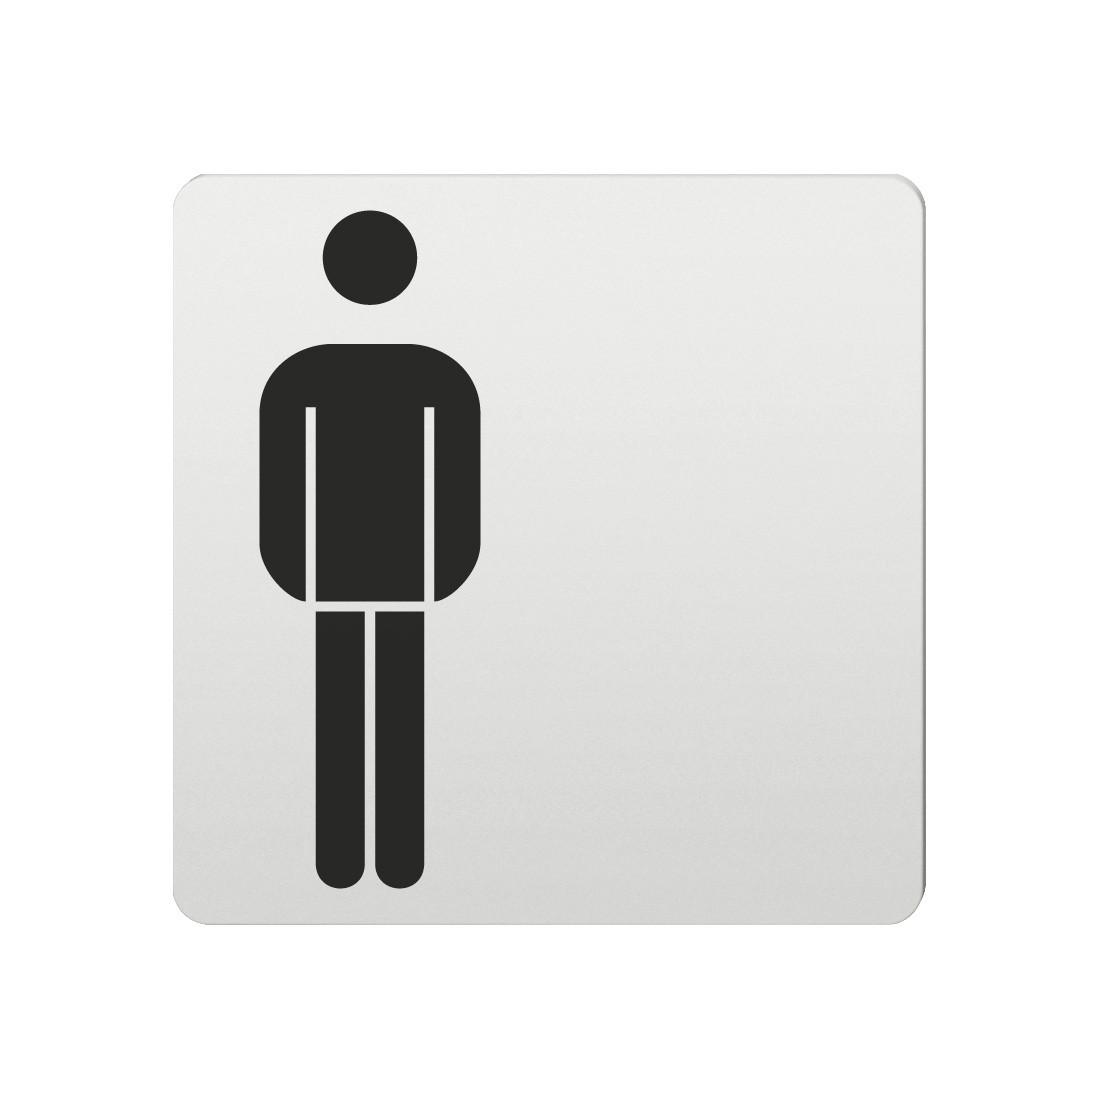 FSB Hinweiszeichen Toilette Herren Lasergraviert Aluminium naturfarbig (0 36 4059 00101 0105)